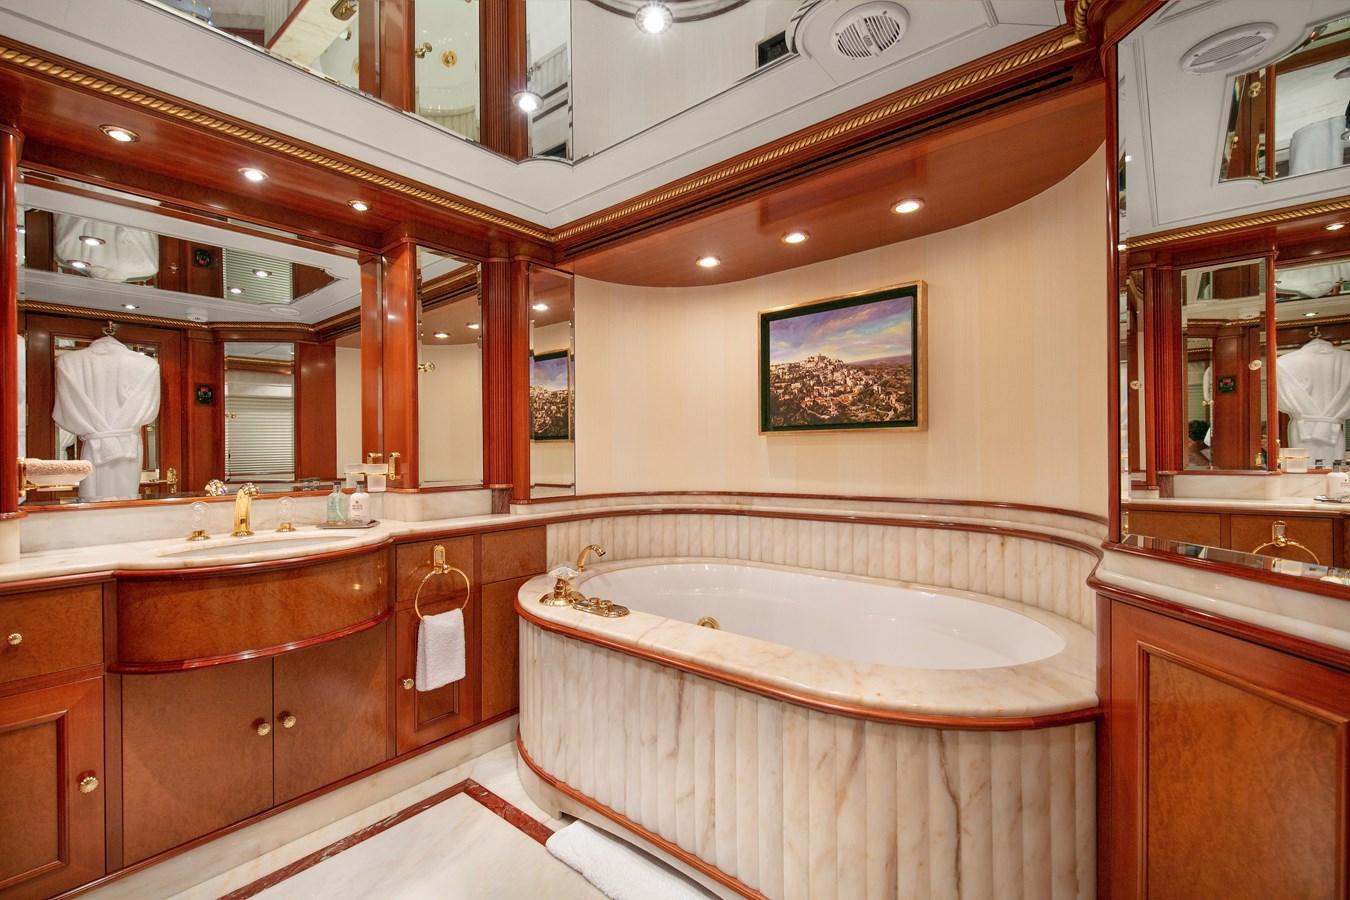 LADY_MICHELLE_00000925_vb1584072 2003 BENETTI  Mega Yacht 2885476